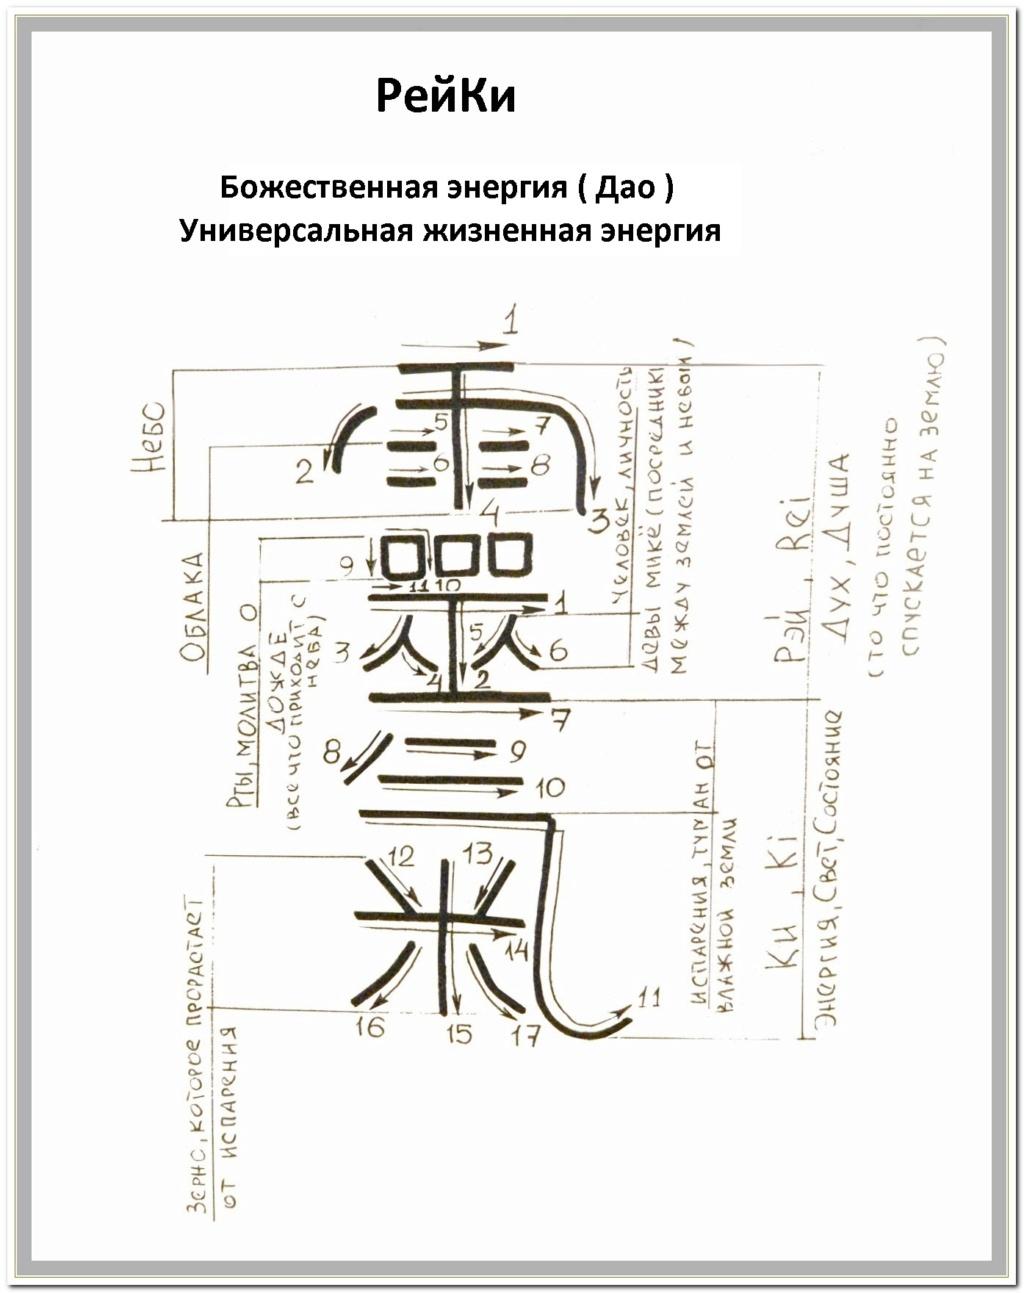 Понятие Рейки и основные принципы Reiki_11